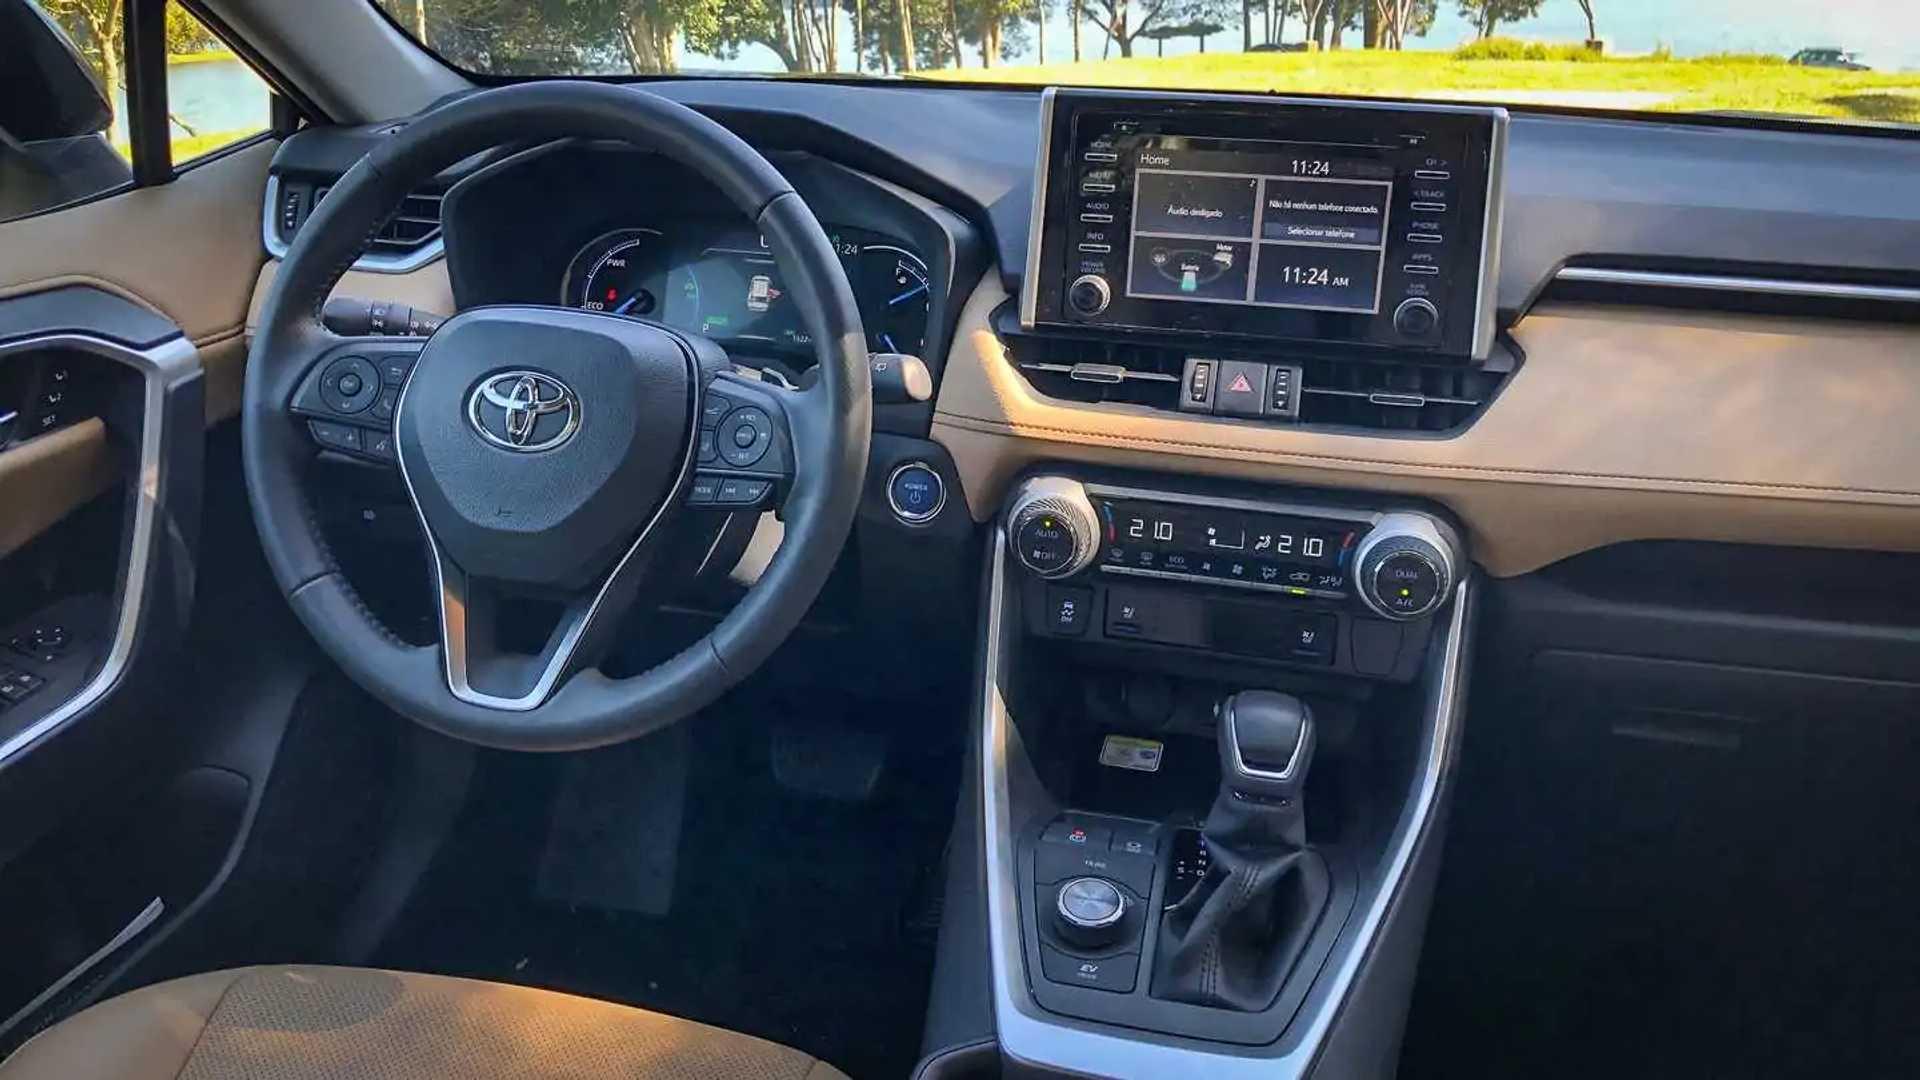 Toyota RAV4 2020 sobe de preço pela terceira vez em apenas 7 meses Toyota-rav4-hybrid-sx-2020-br